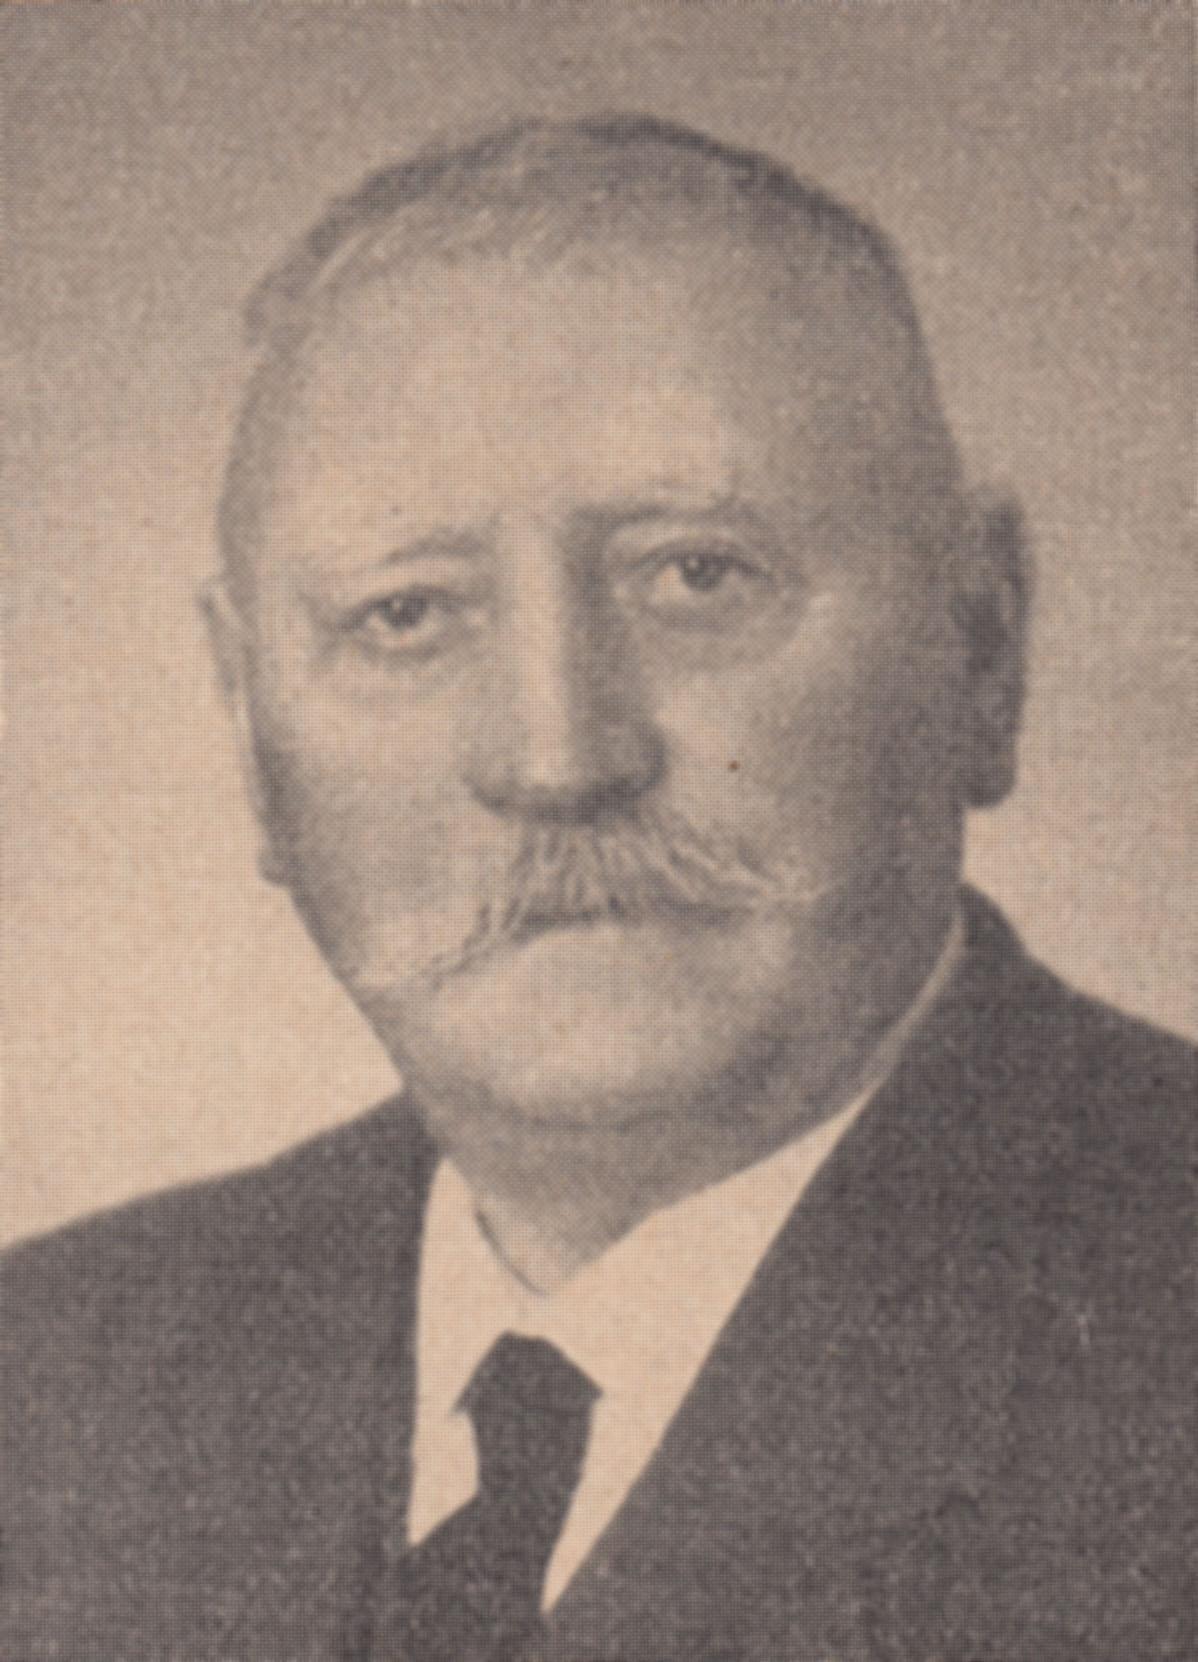 Johann Benz (1888-1961)